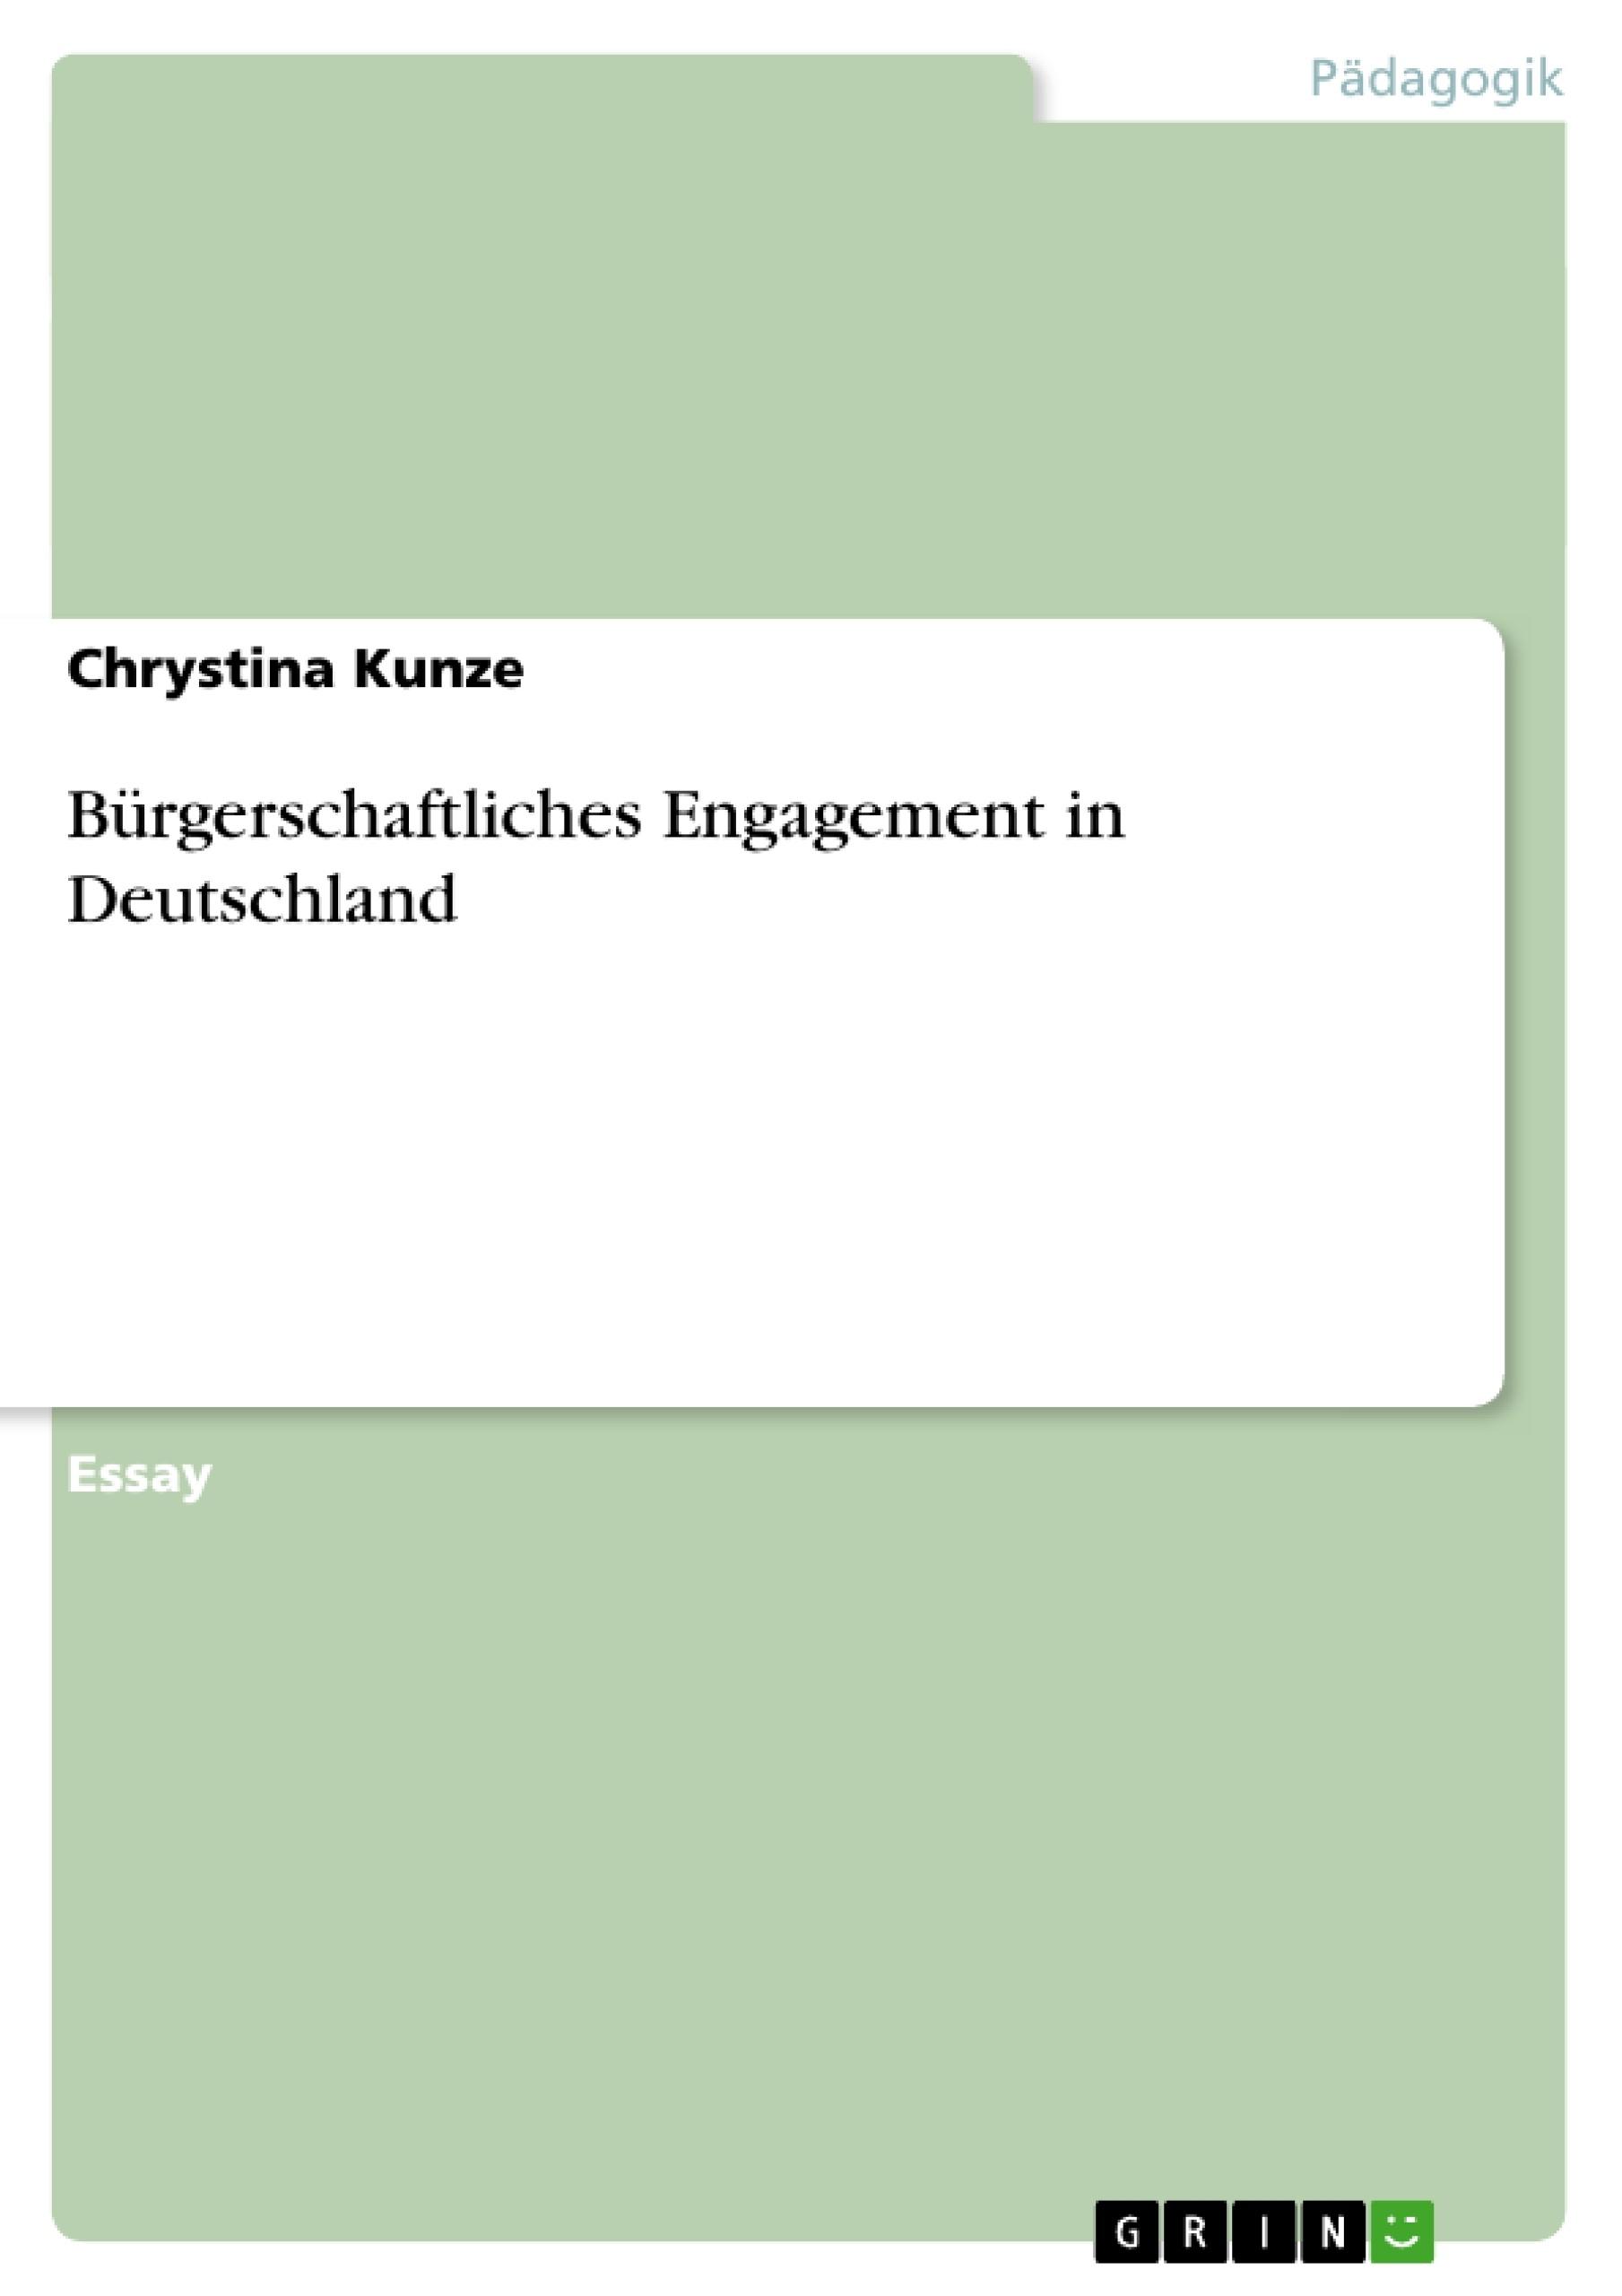 Titel: Bürgerschaftliches Engagement in Deutschland